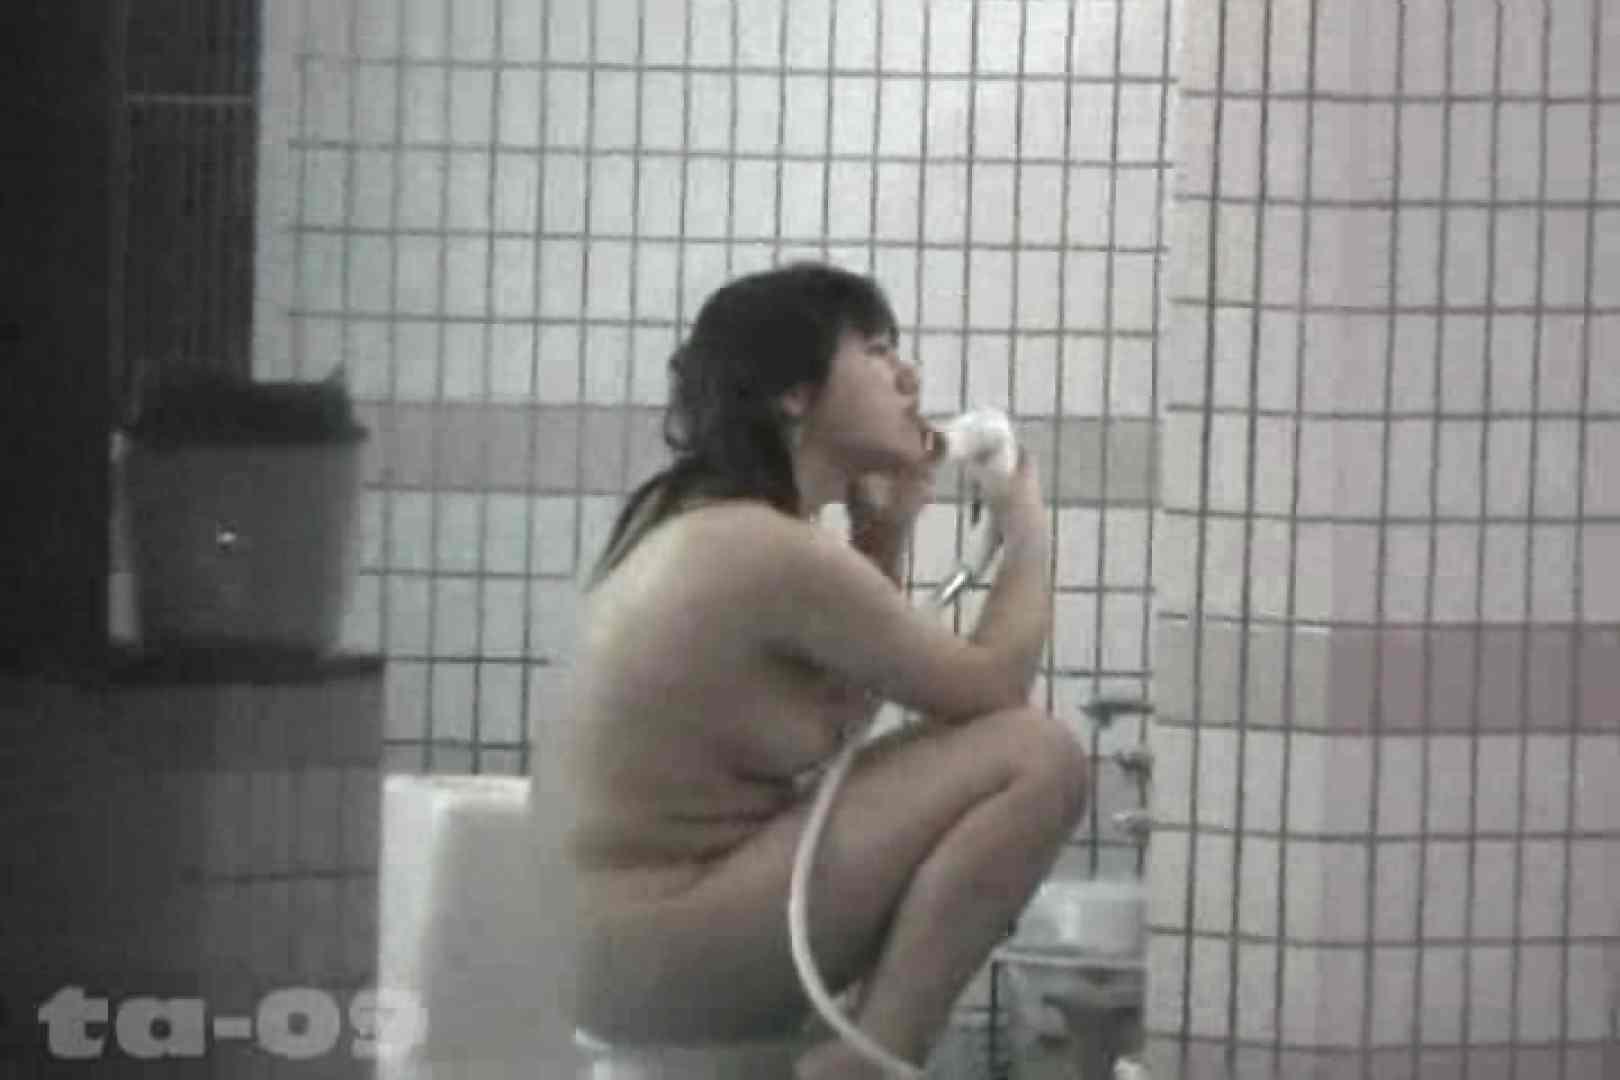 合宿ホテル女風呂盗撮高画質版 Vol.09 女体盗撮 盗撮エロ画像 82連発 45